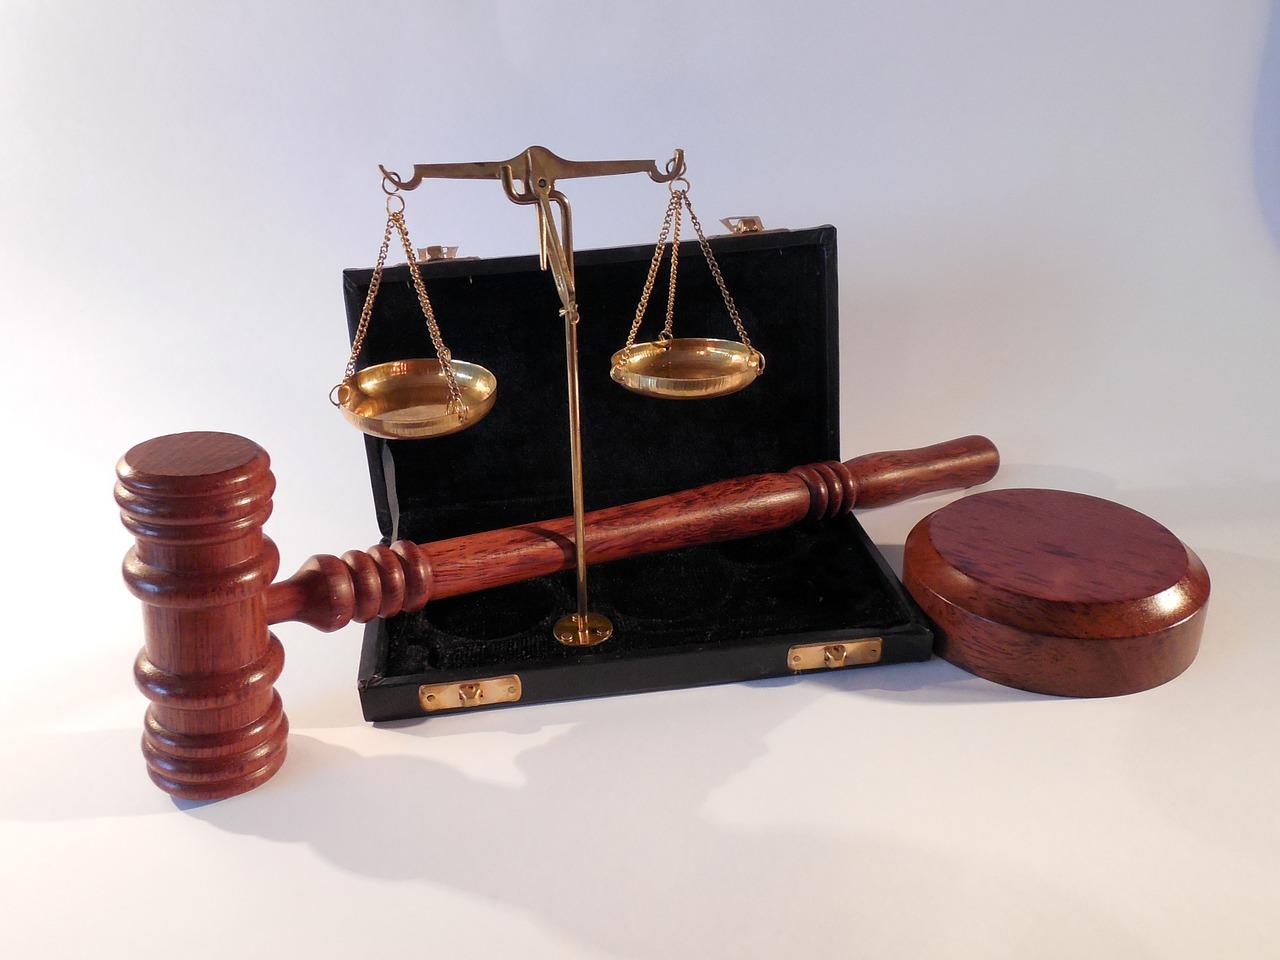 Szabó Zsuzsanna Klára igazságügyi szakértő szakmai pályáját 1999. évben kezdte a Vám- és Pénzügyőrségnél, mint hivatásos pénzügyőr, ezáltal nagymértékű és átfogó szakmai tapasztalattal rendelkezik a vámigazgatás és vámtanácsadás területén. 2006.…